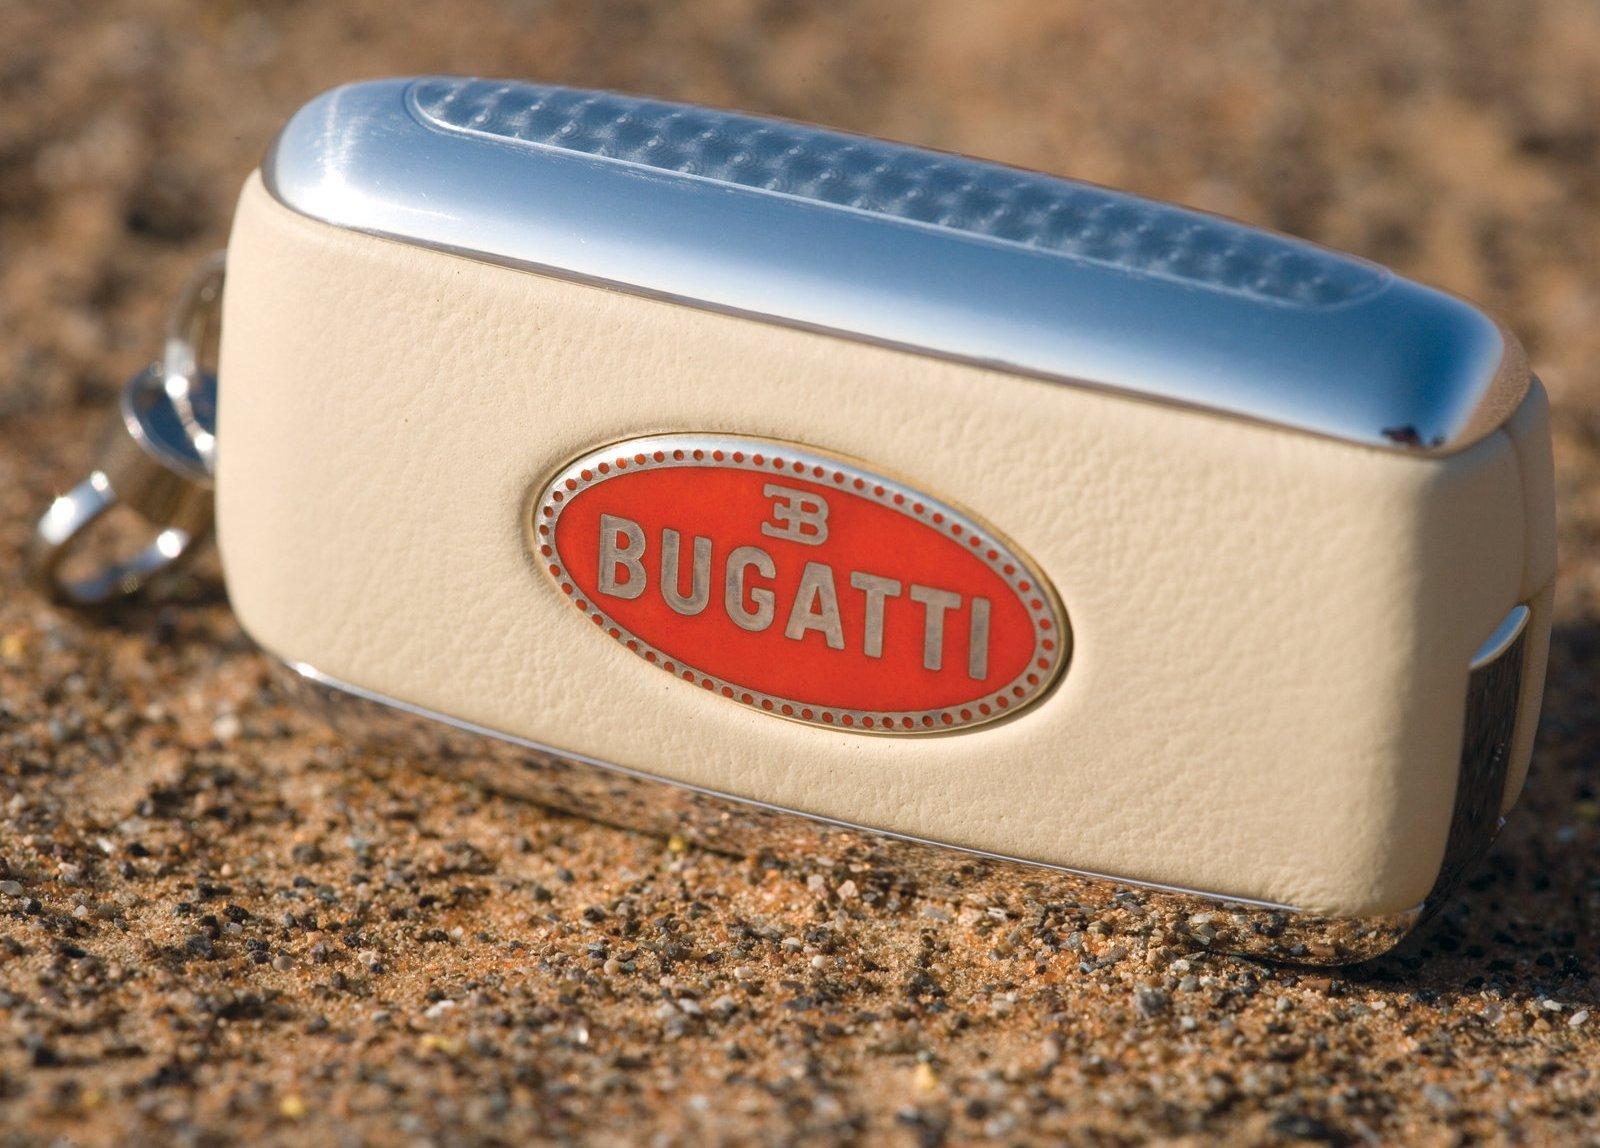 Bugatti Veyron Auto Review